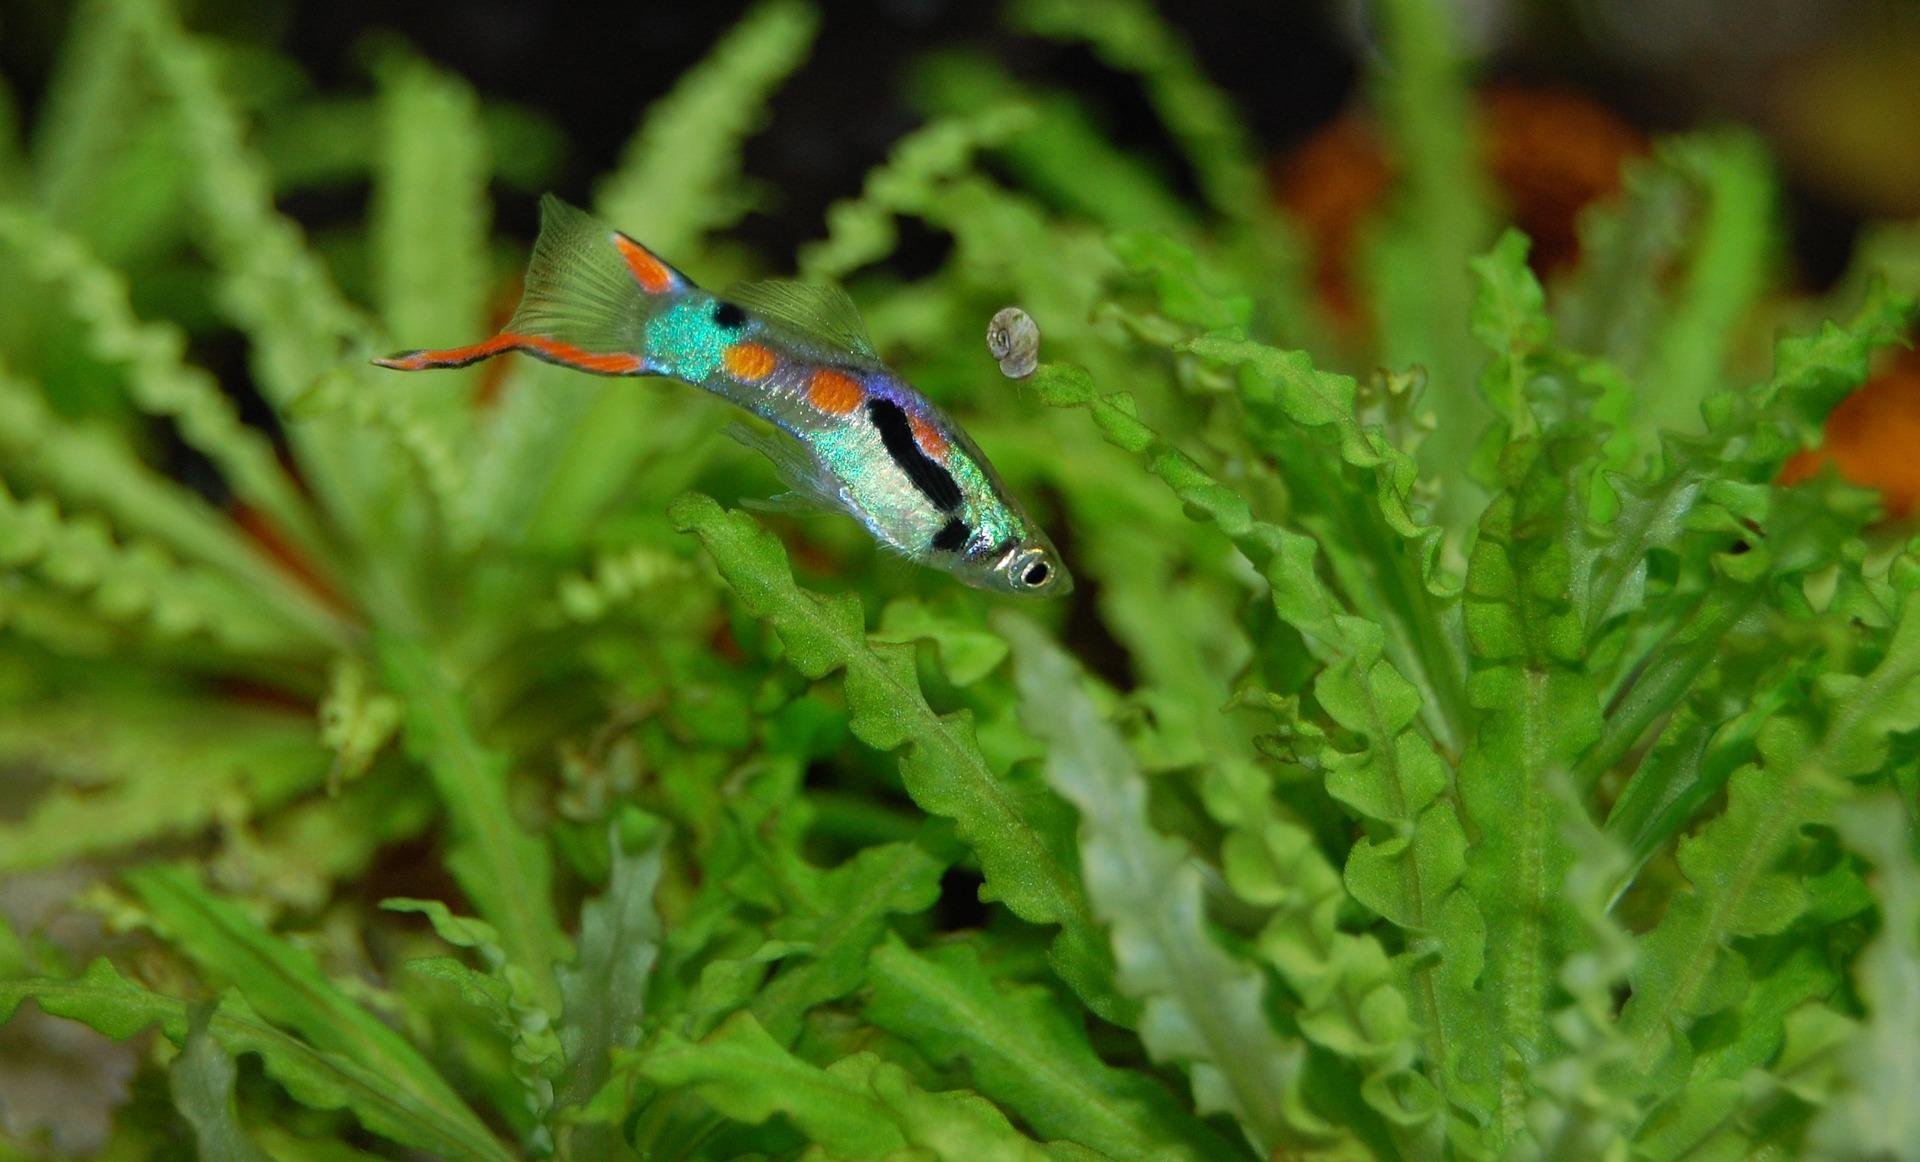 ¡A mi pez la acosa un guppy depravado!